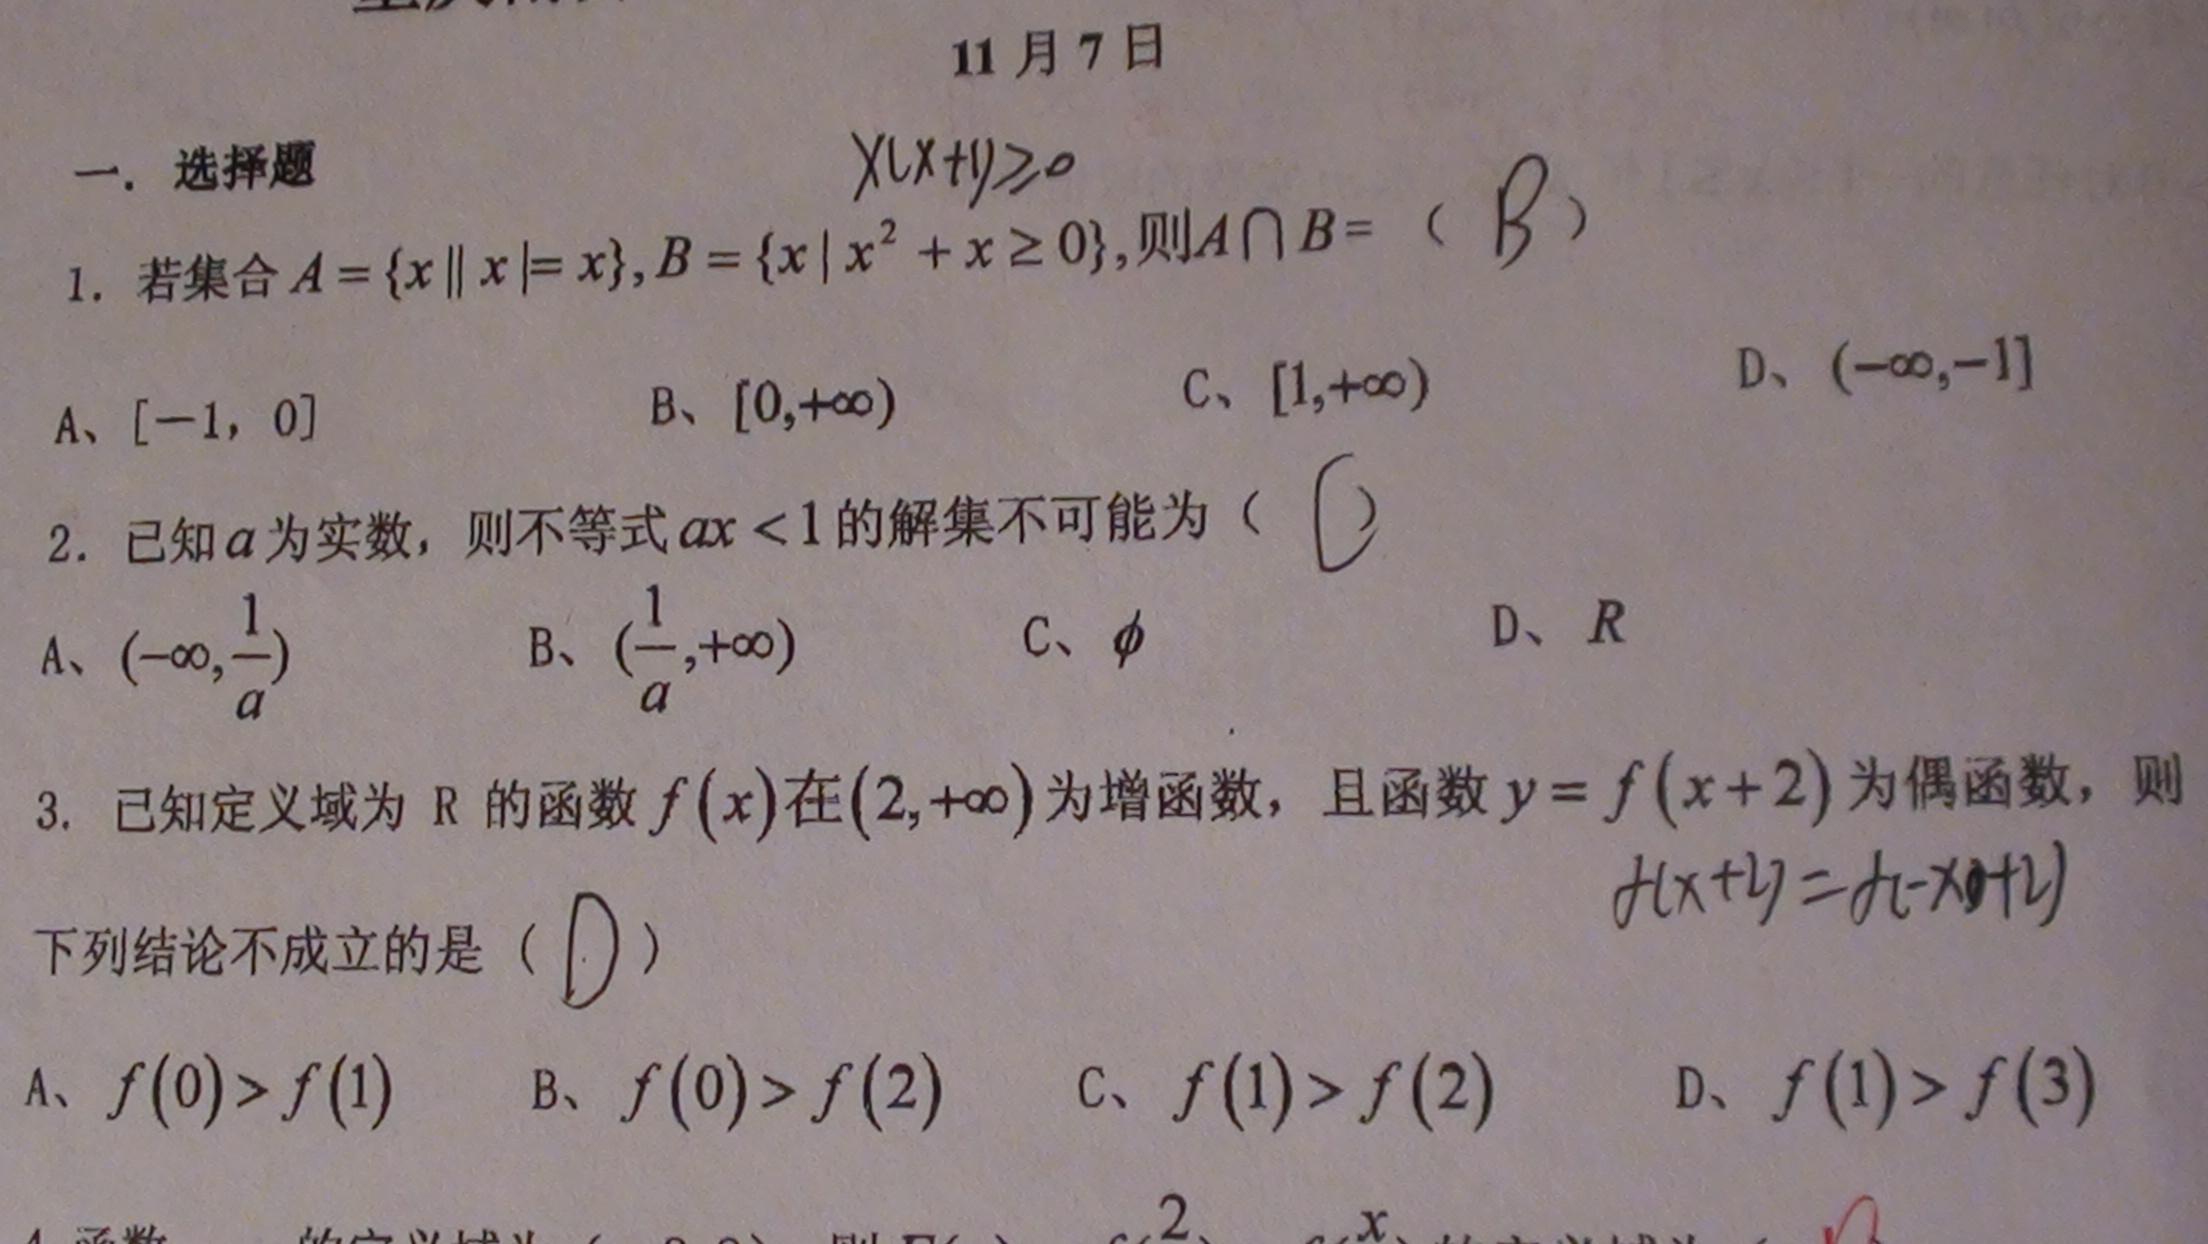 高一数学必修一知识网络结构图